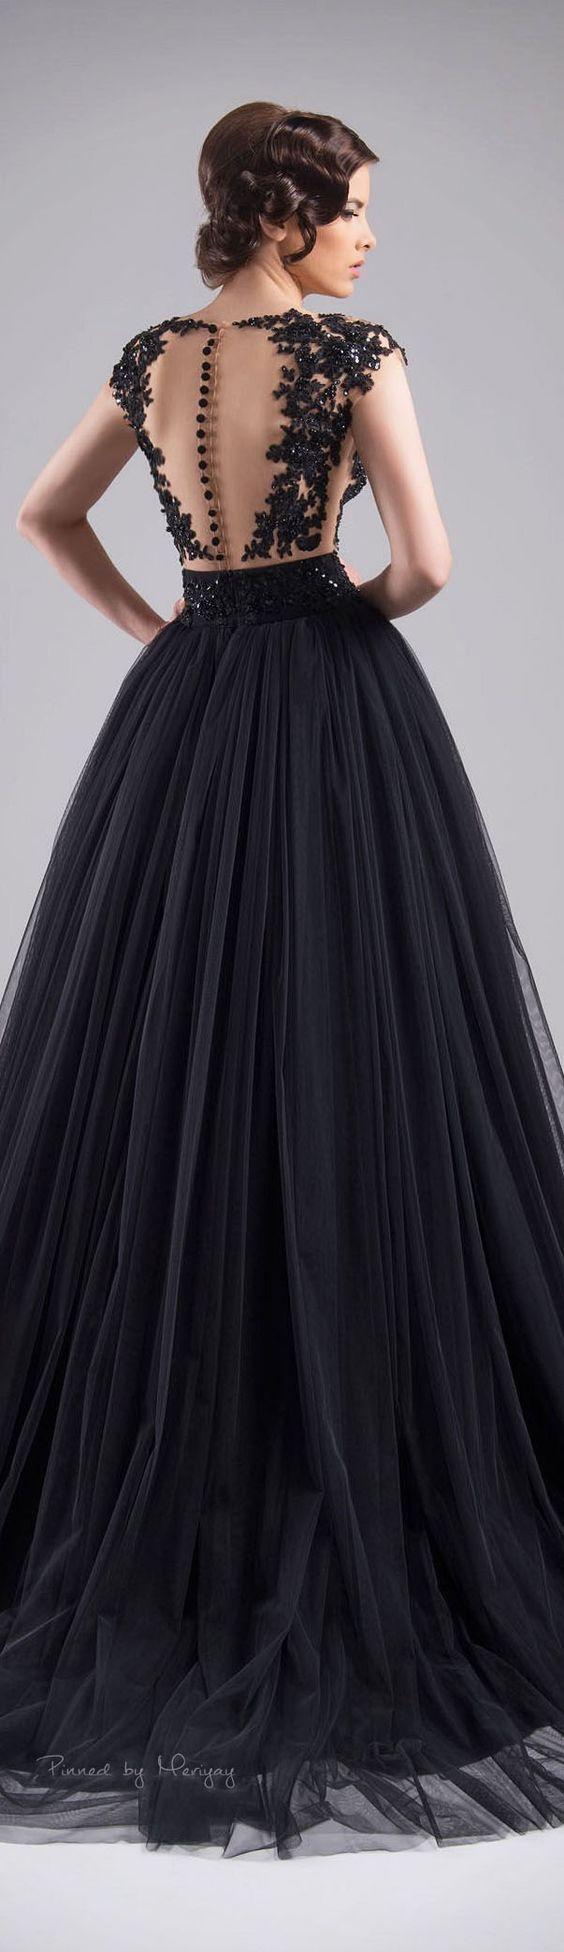 best 25 black wedding dresses ideas on pinterest. Black Bedroom Furniture Sets. Home Design Ideas